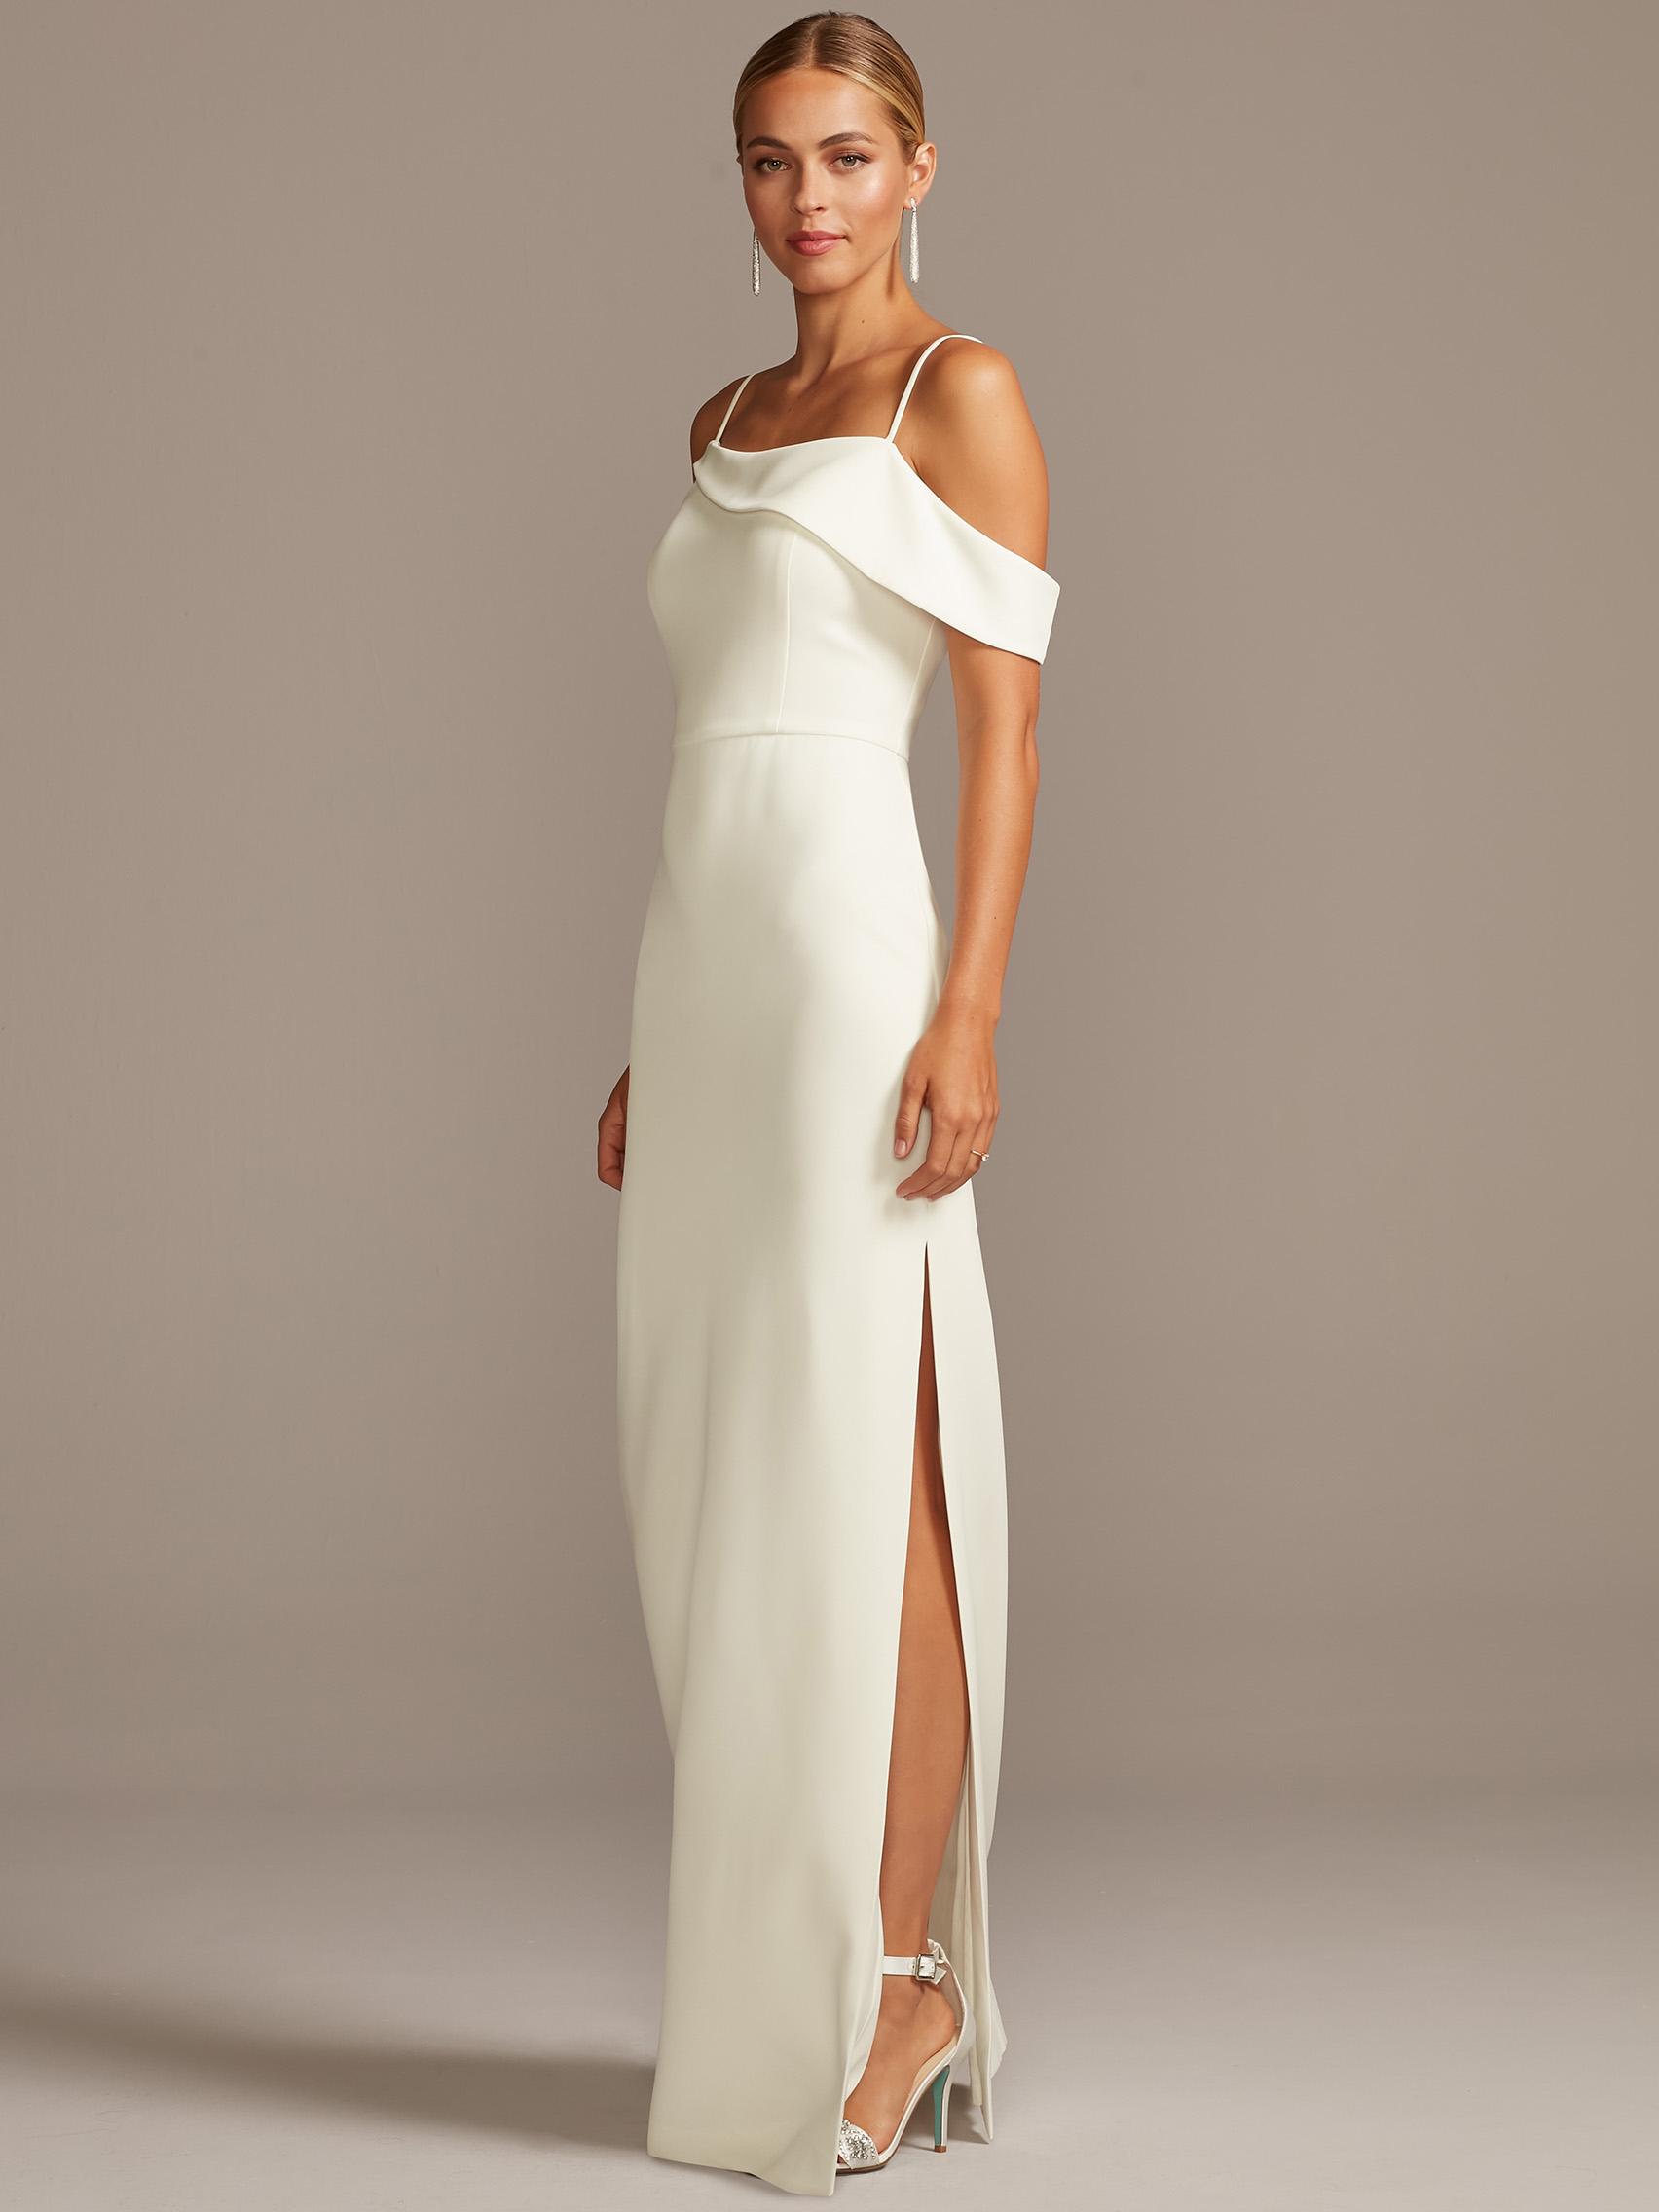 davids bridal db studio off one shoulder side slit wedding dress fall 2020